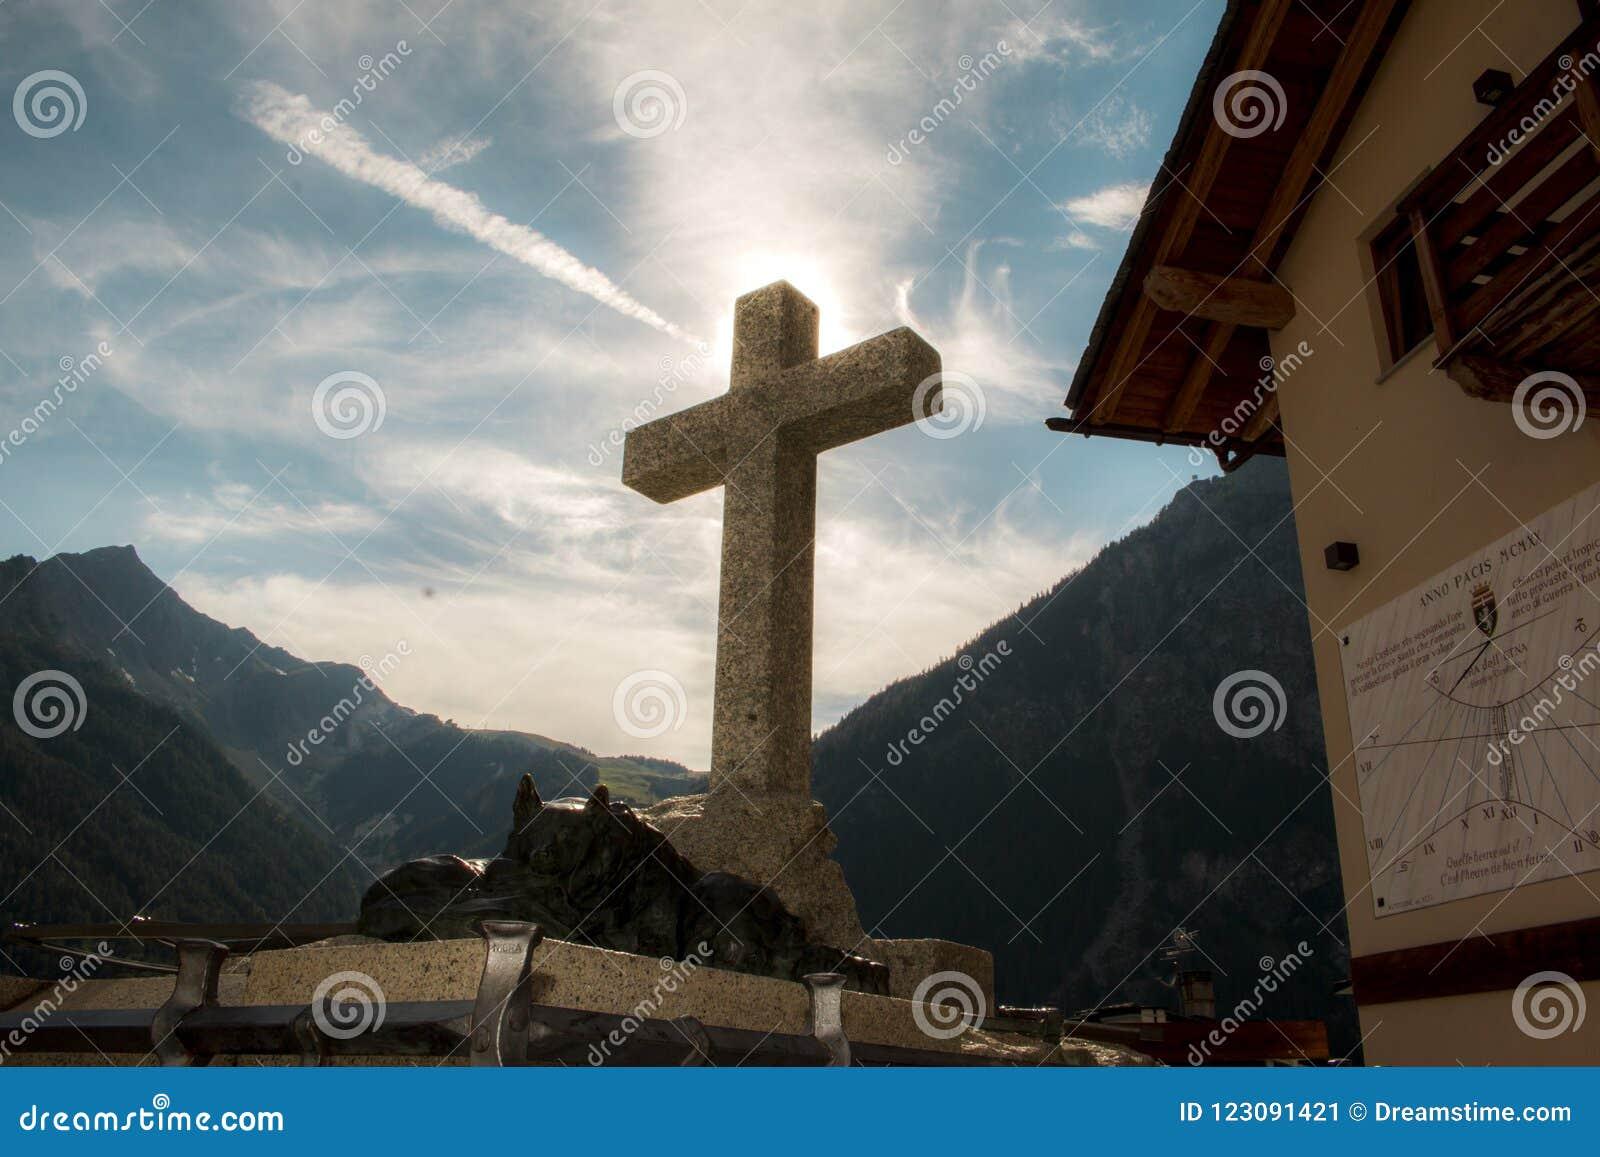 Kruis met zon en bergen op achtergrond